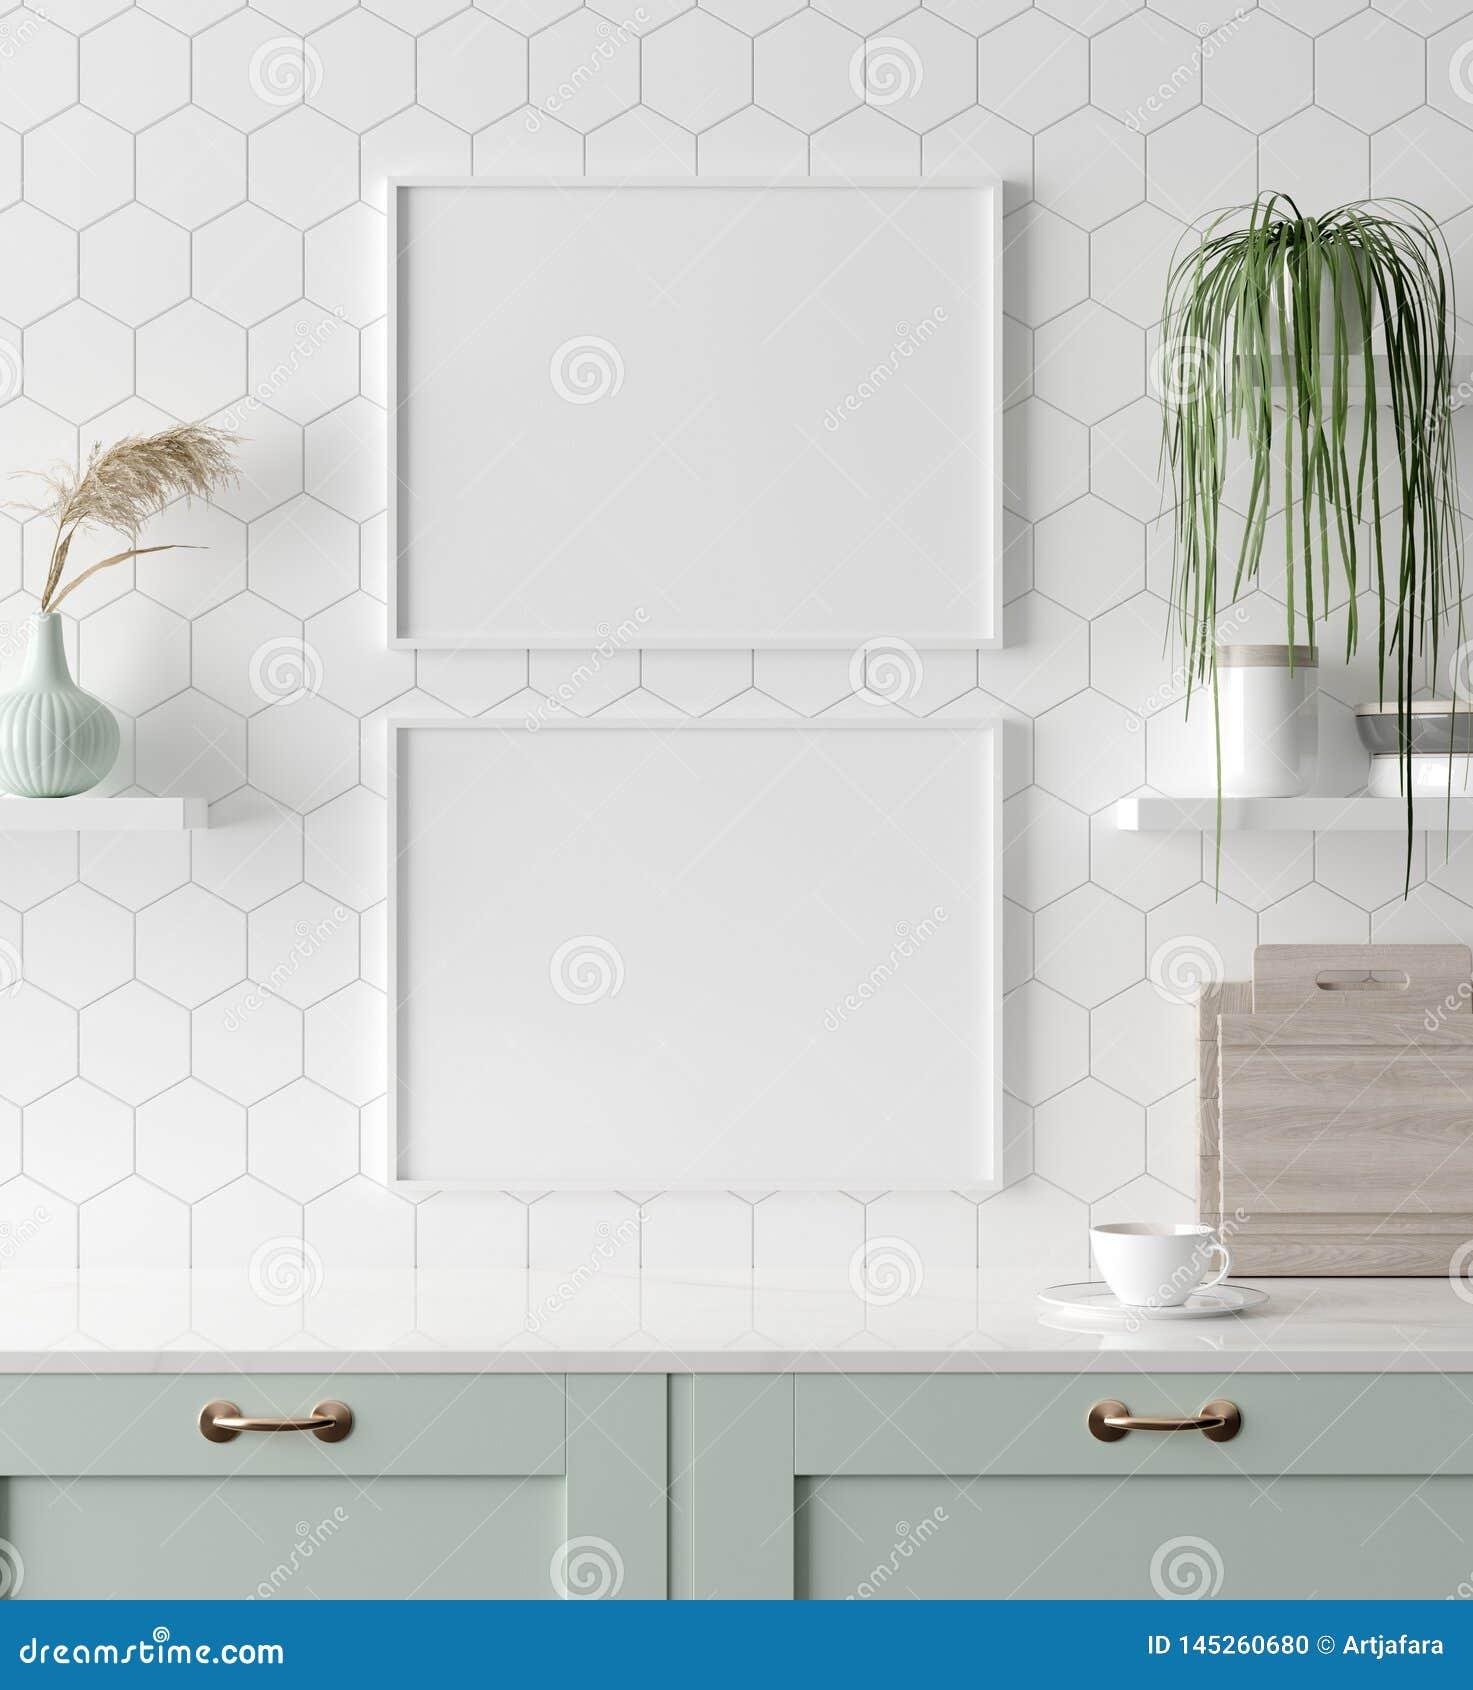 在厨房内部,斯堪的纳维亚样式的假装海报框架